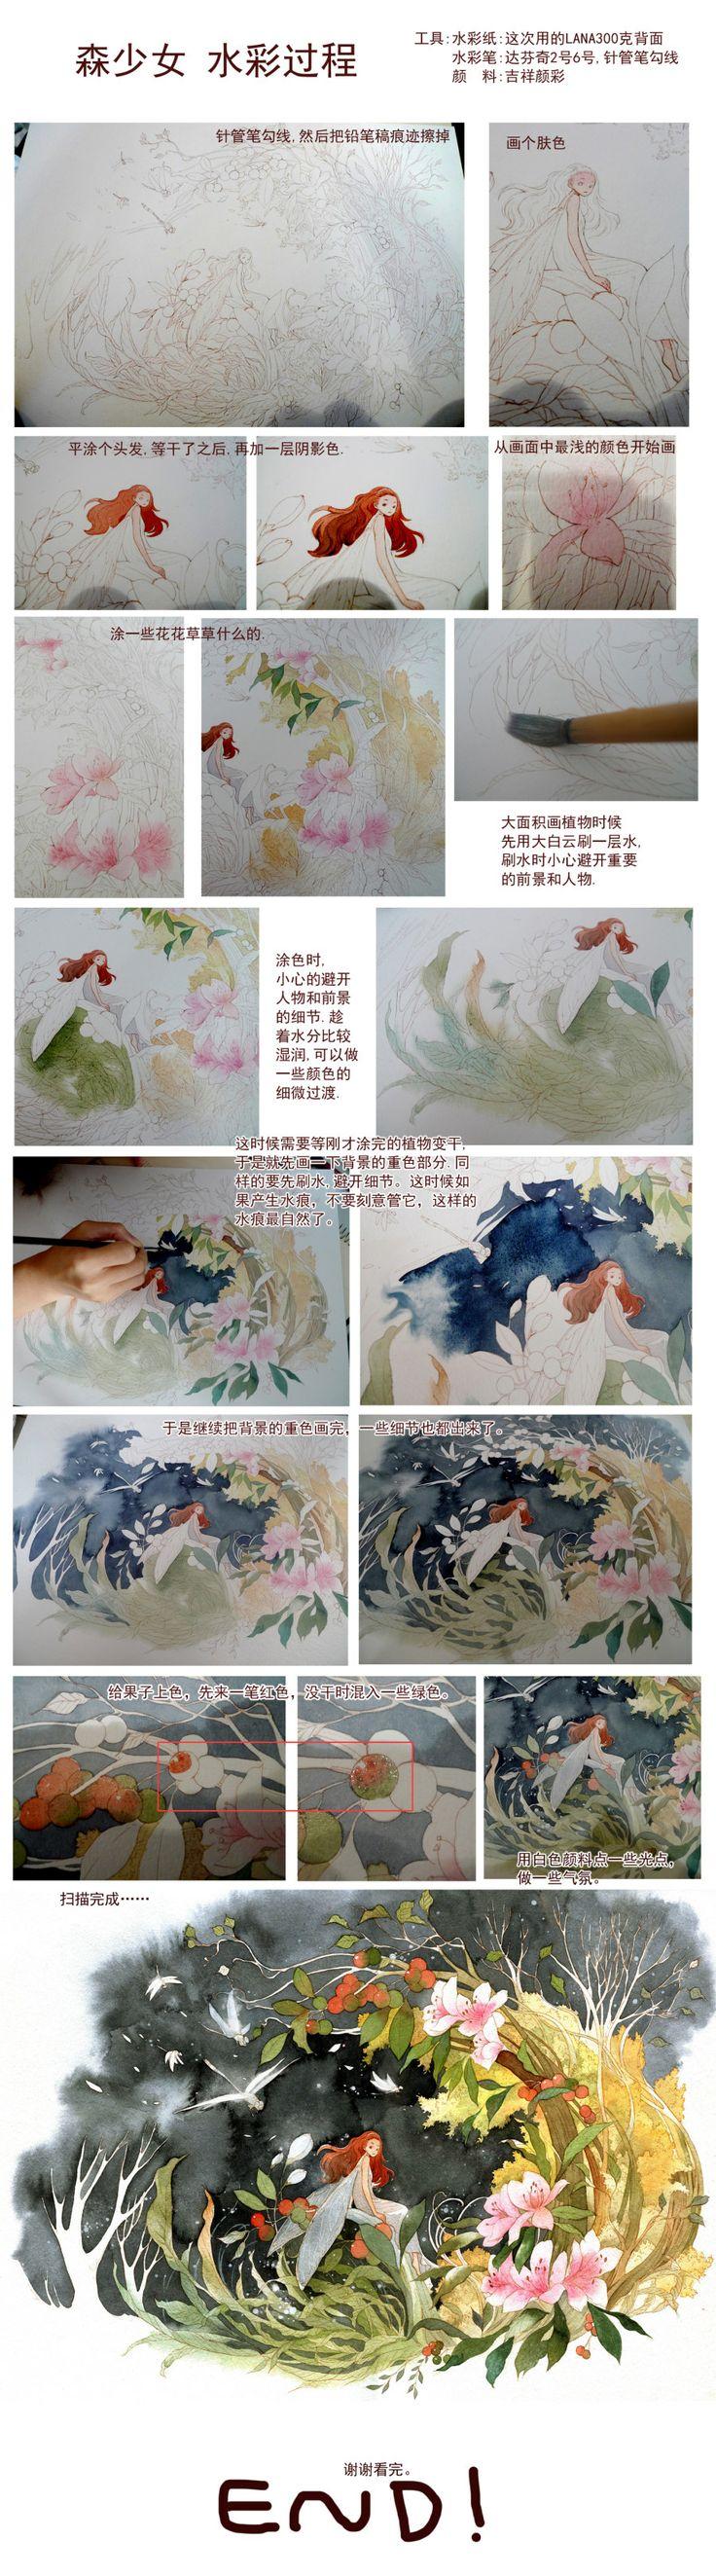 查看《森少女 水彩过程》原图,原图尺寸:1575x5668